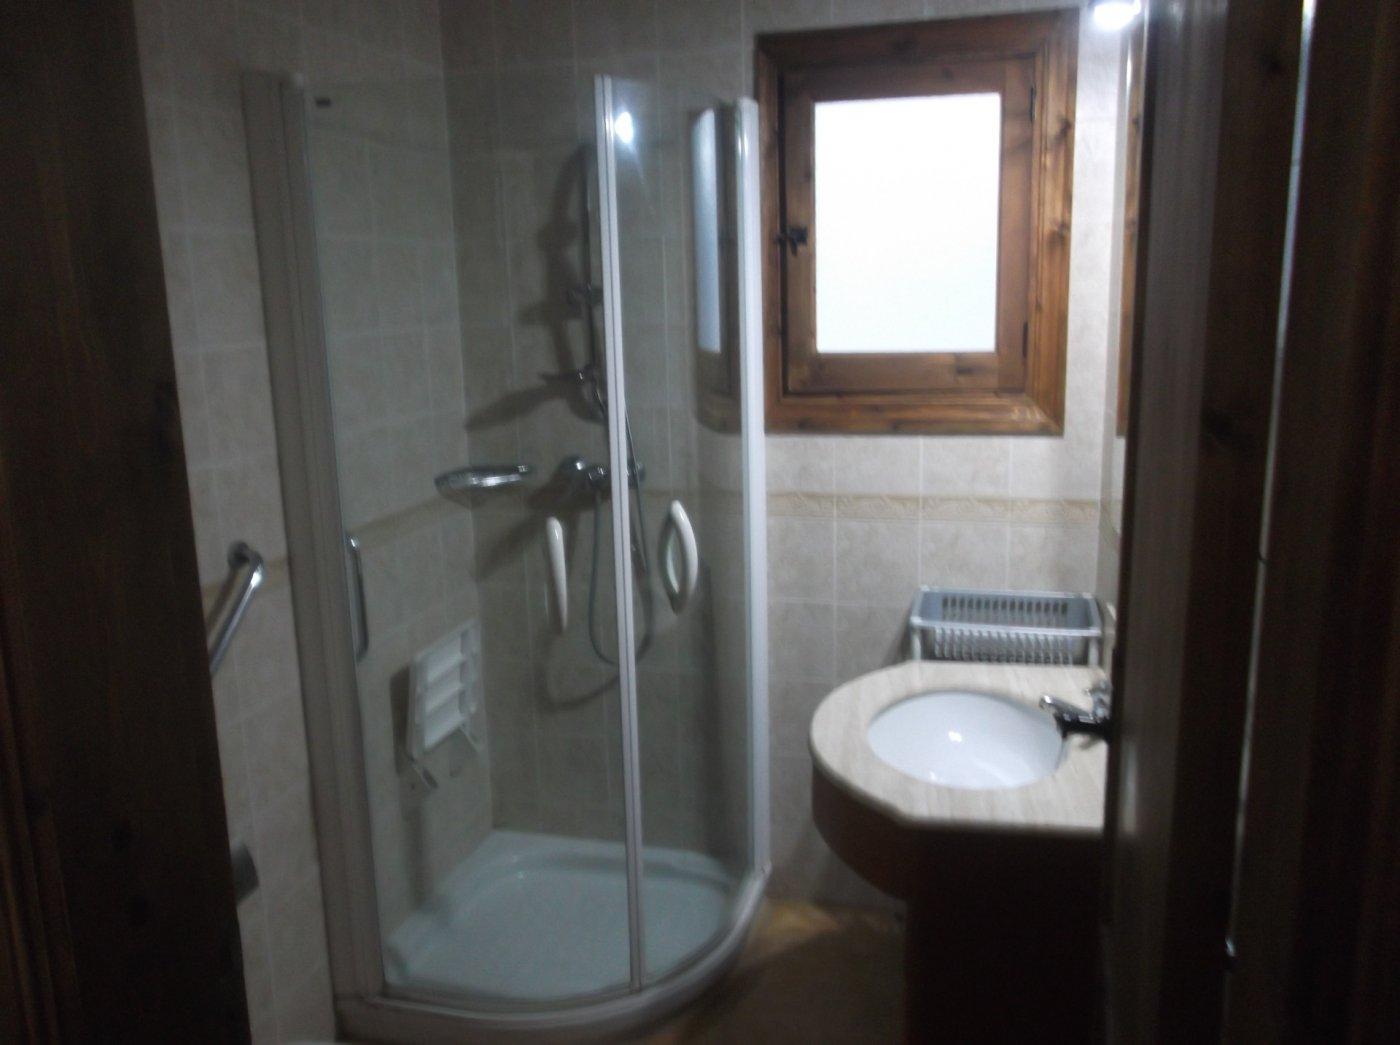 En venta casa de pueblo reformada 3 alturas estilo mallorquin centro llucmajor - imagenInmueble24